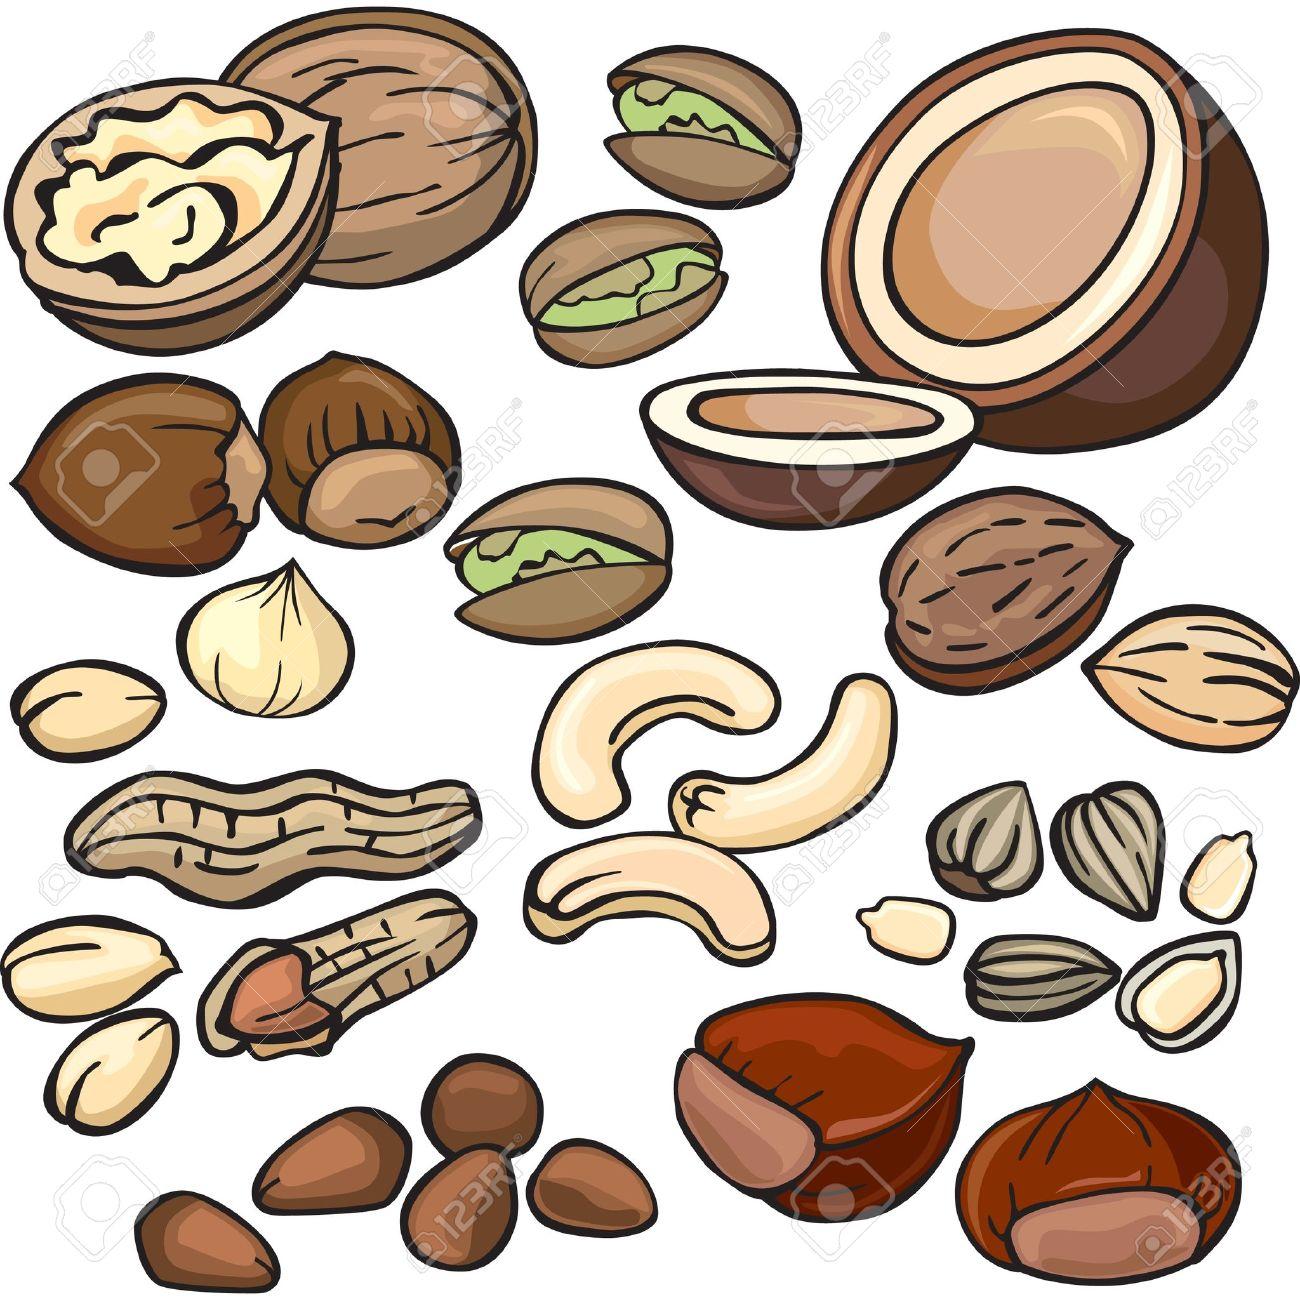 tree nut clip art - photo #15